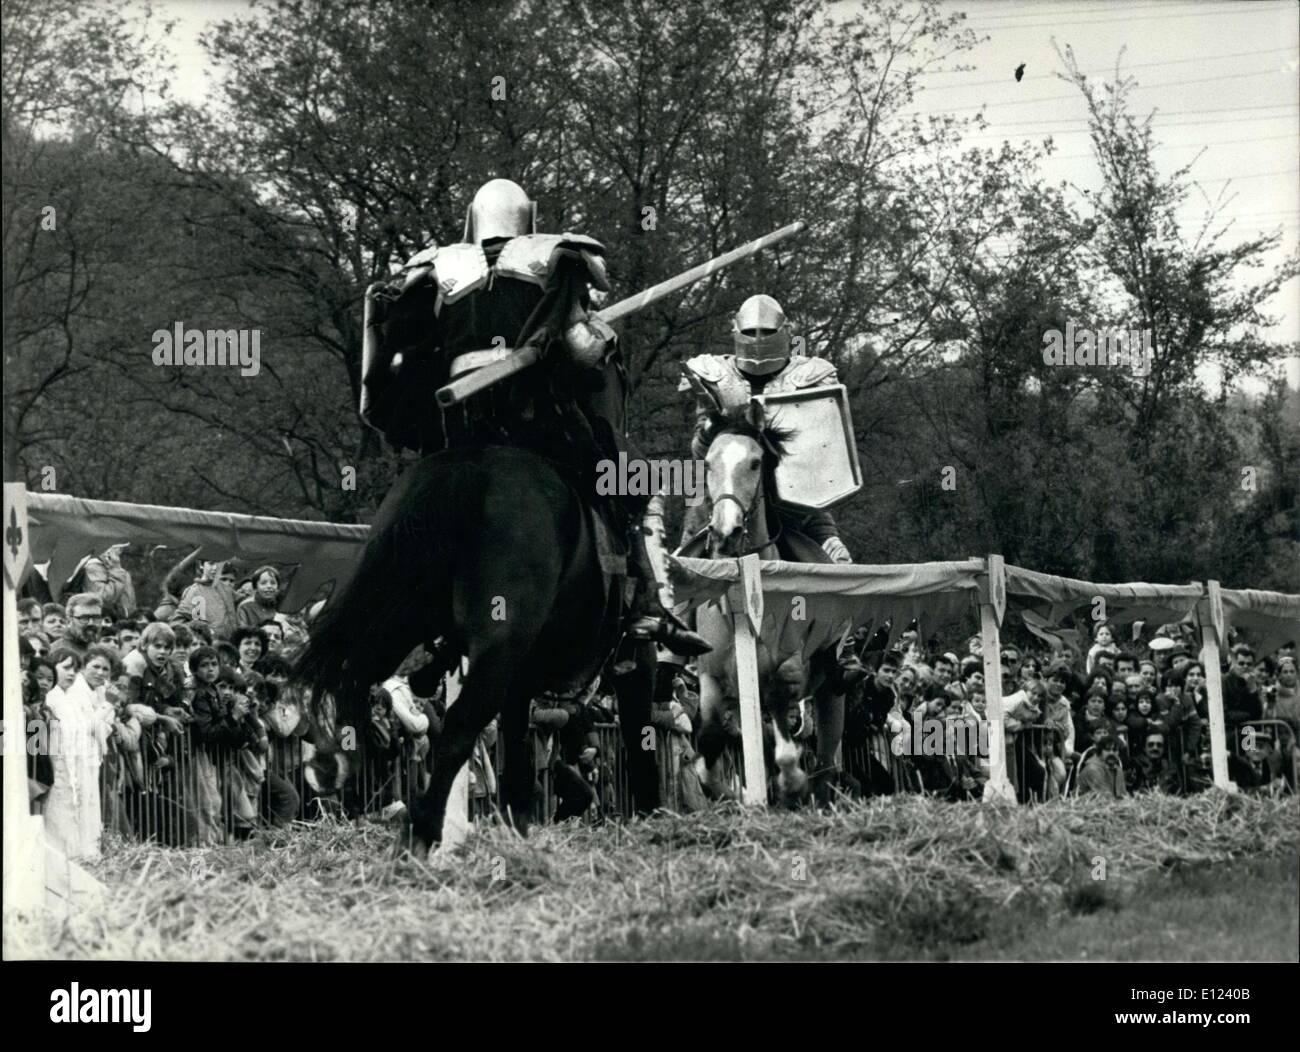 13 maggio 1985 - Medioevo arcieri e cerimonia di premiazione che si terrà a Gagny, sobborgo di Parigi Immagini Stock